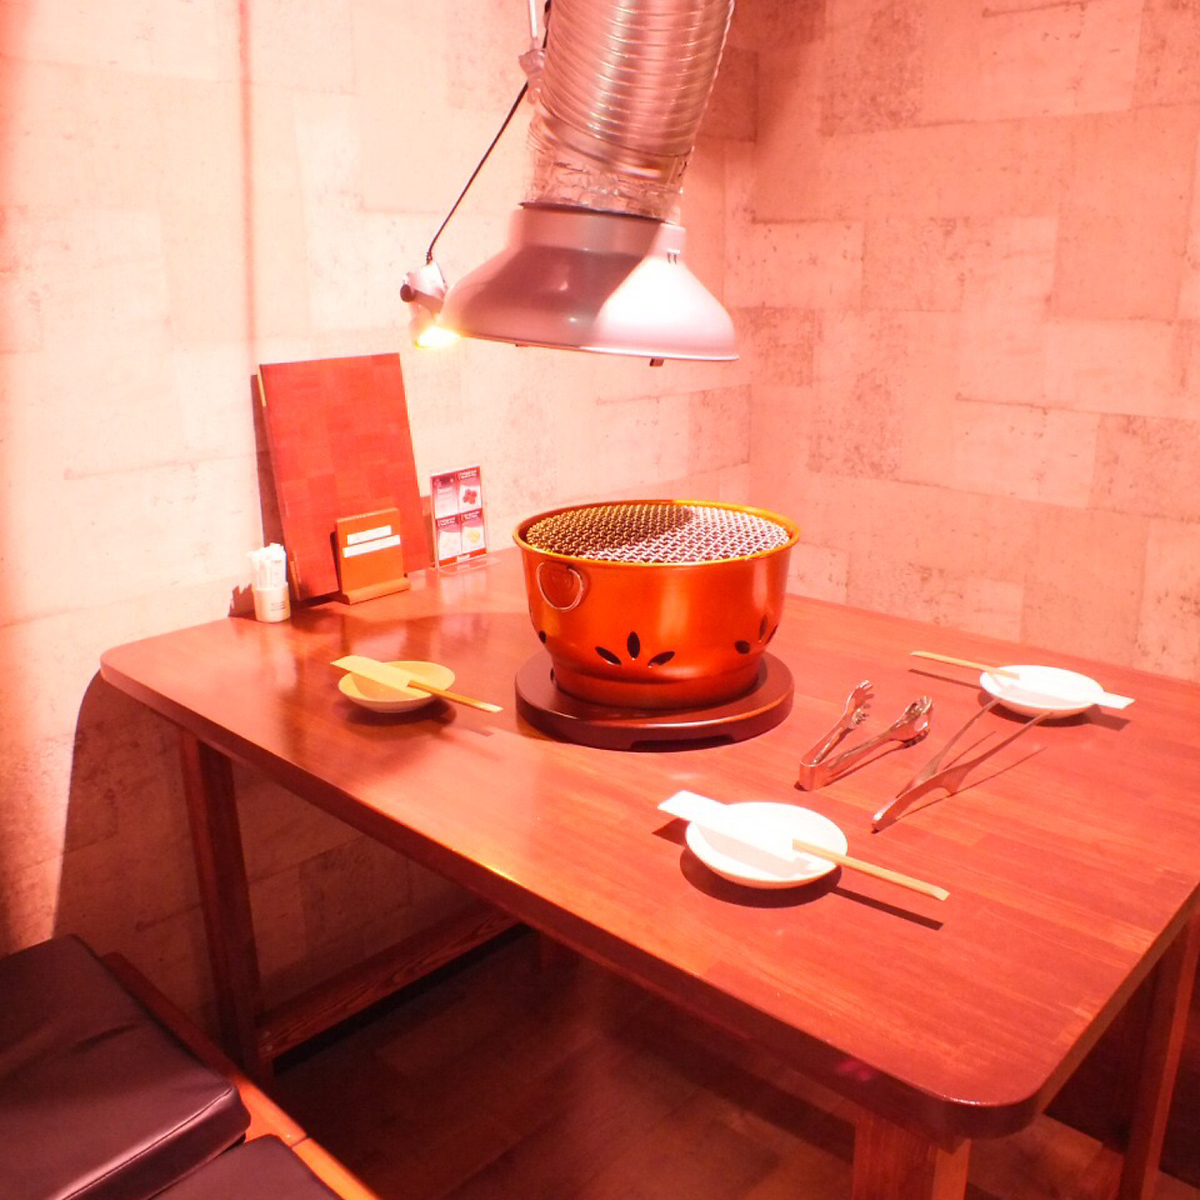 あびこで良質な黒毛和牛の焼肉と本格韓国料理を味わうならハヌルで決まり!【テーブル席 8番】